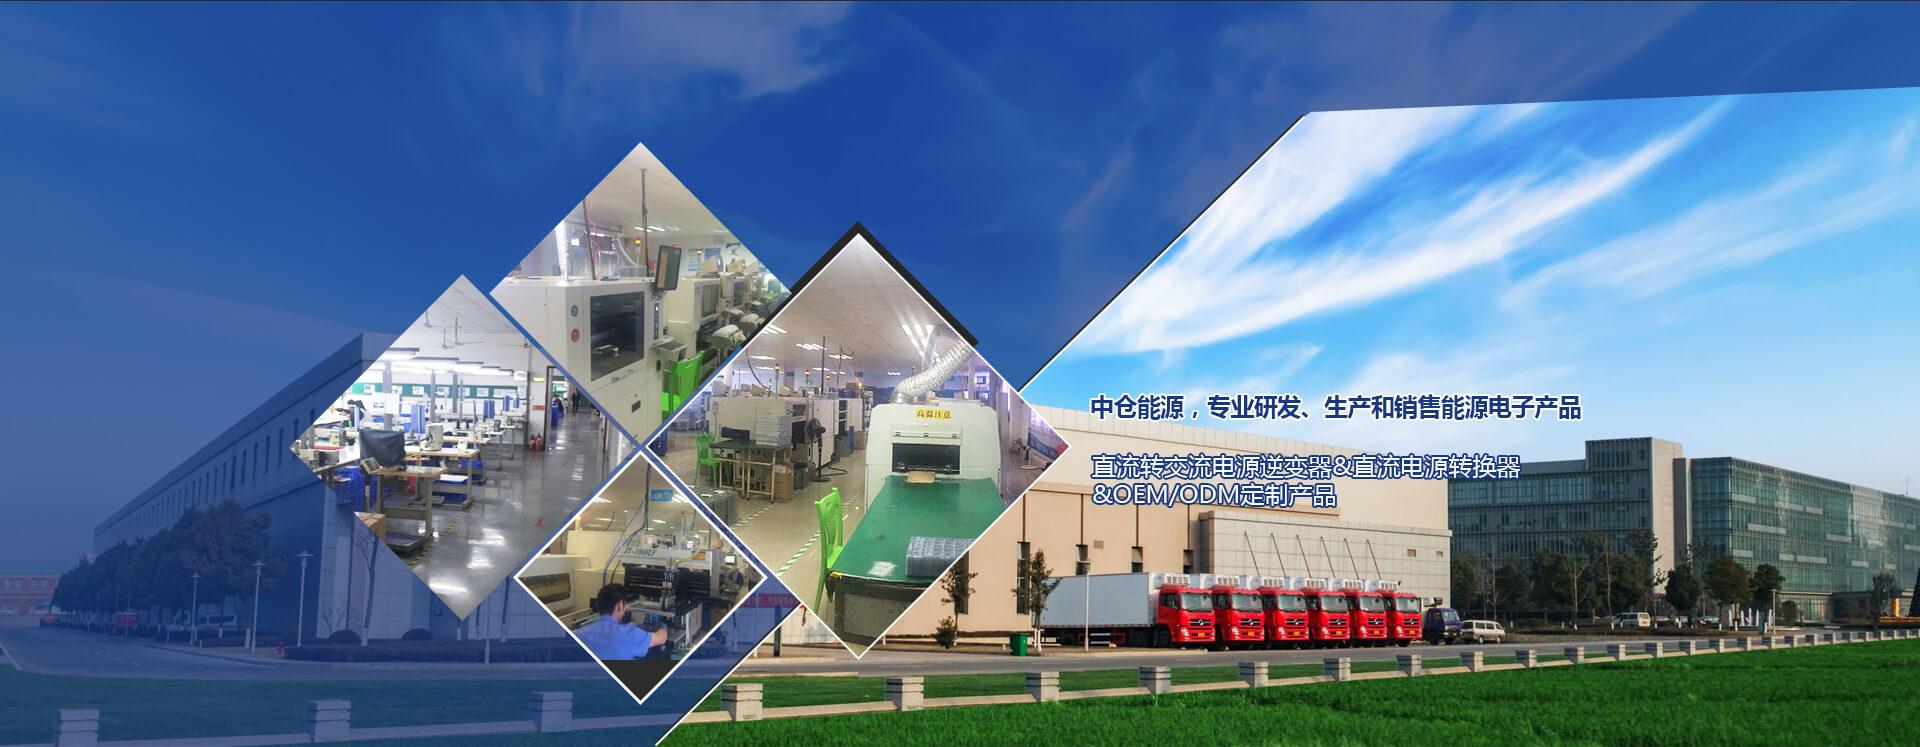 深圳中仓能源电子有限公司